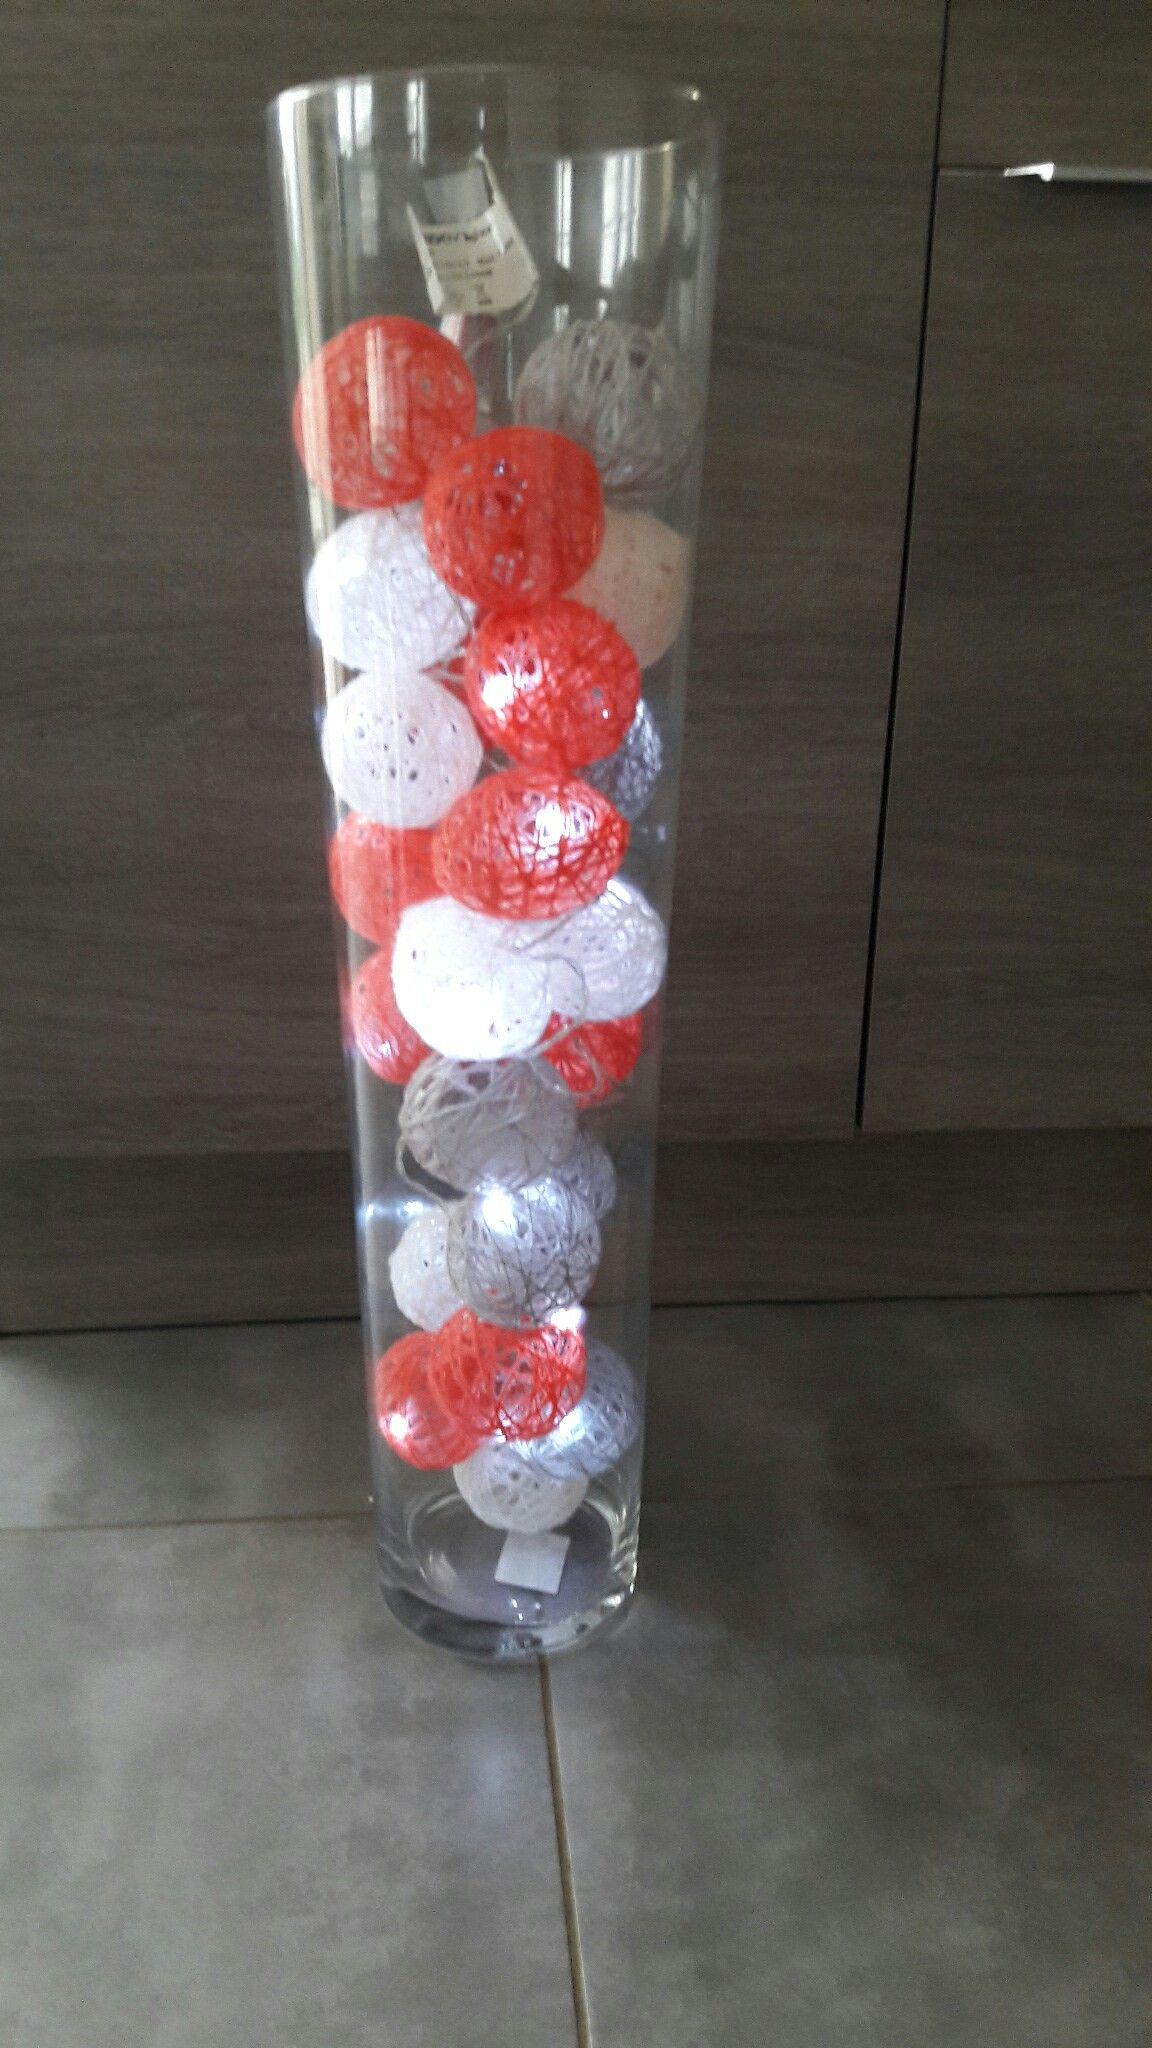 idée deco guirlande de boules en laine faites maison dans vase | Deco, Idee deco, Fait maison